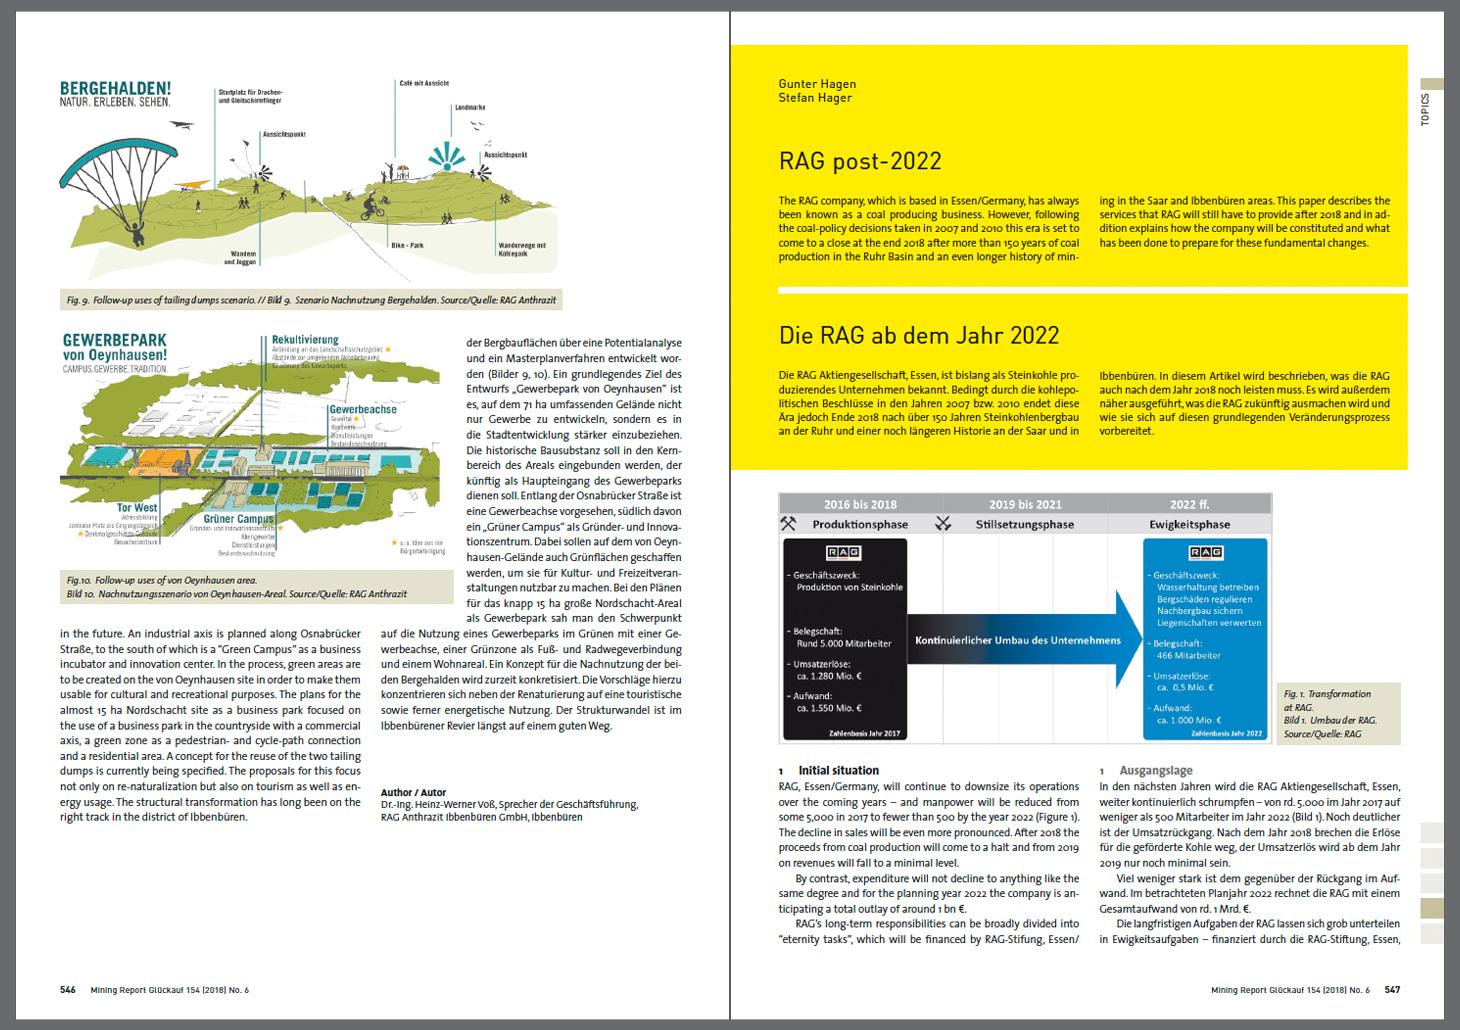 Mining Report: Fachmagazin für Bergbau online und offline